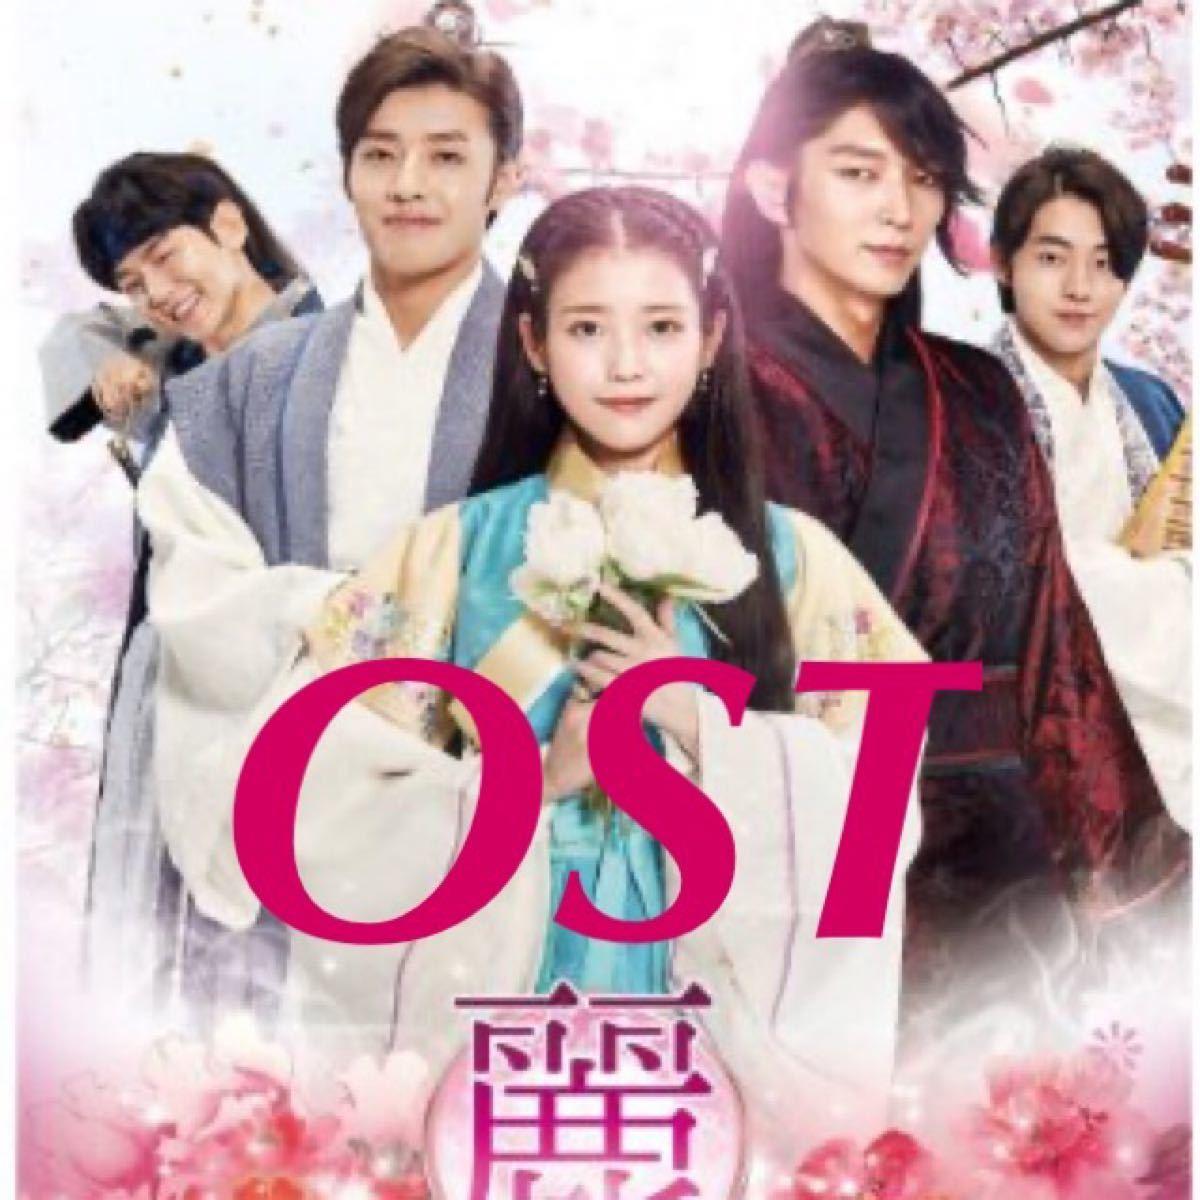 麗  レイ  OST  DVD  レーベル有り  イ・ジュンギ  カン・ハヌル  IU